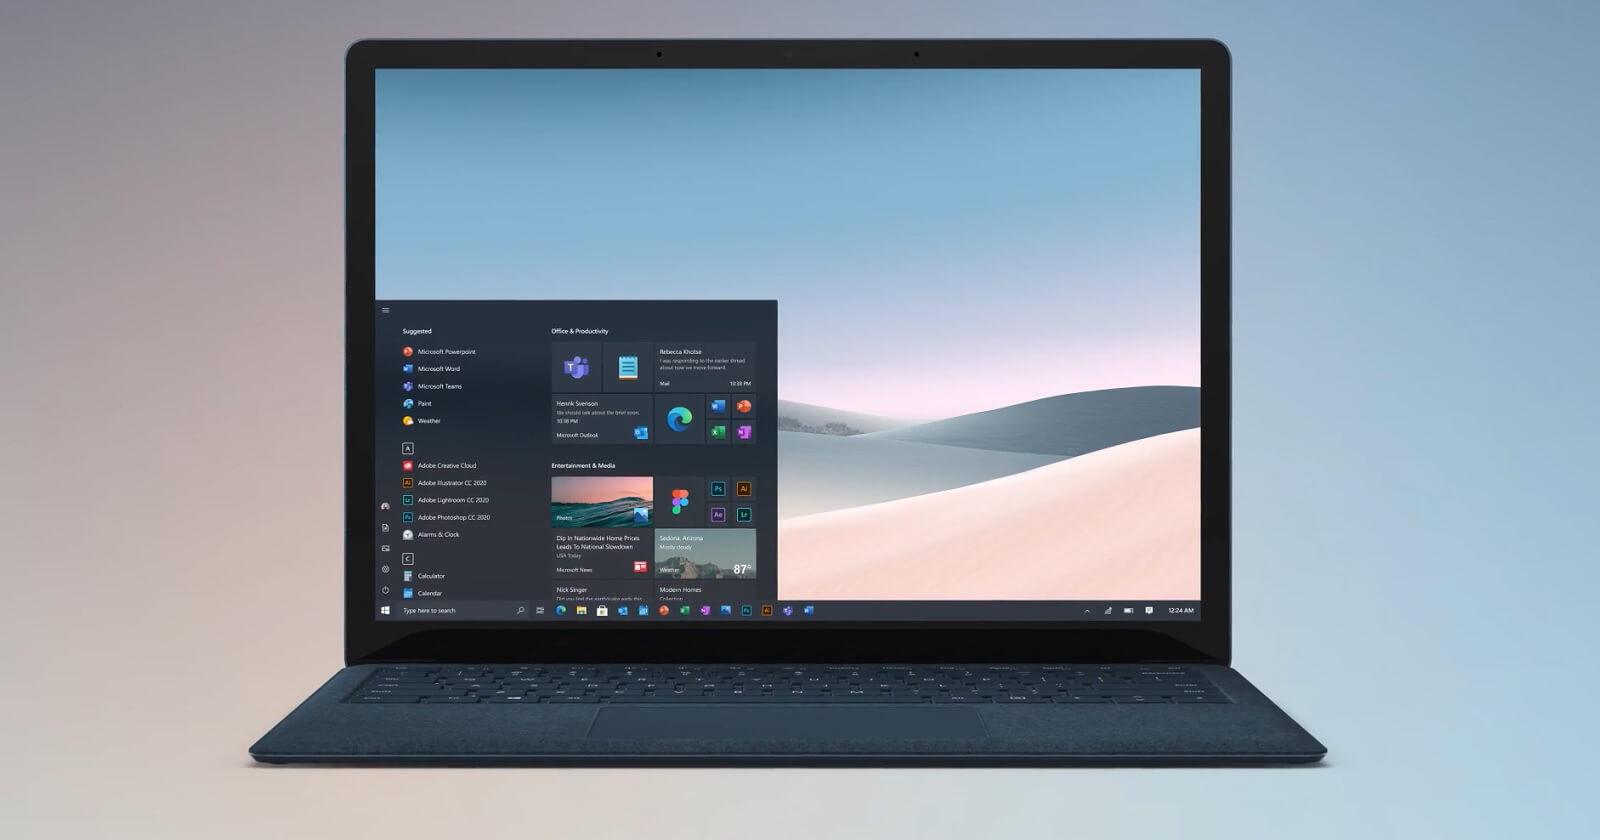 微软希望对Windows 10用户体验的现有部分进行现代化改造